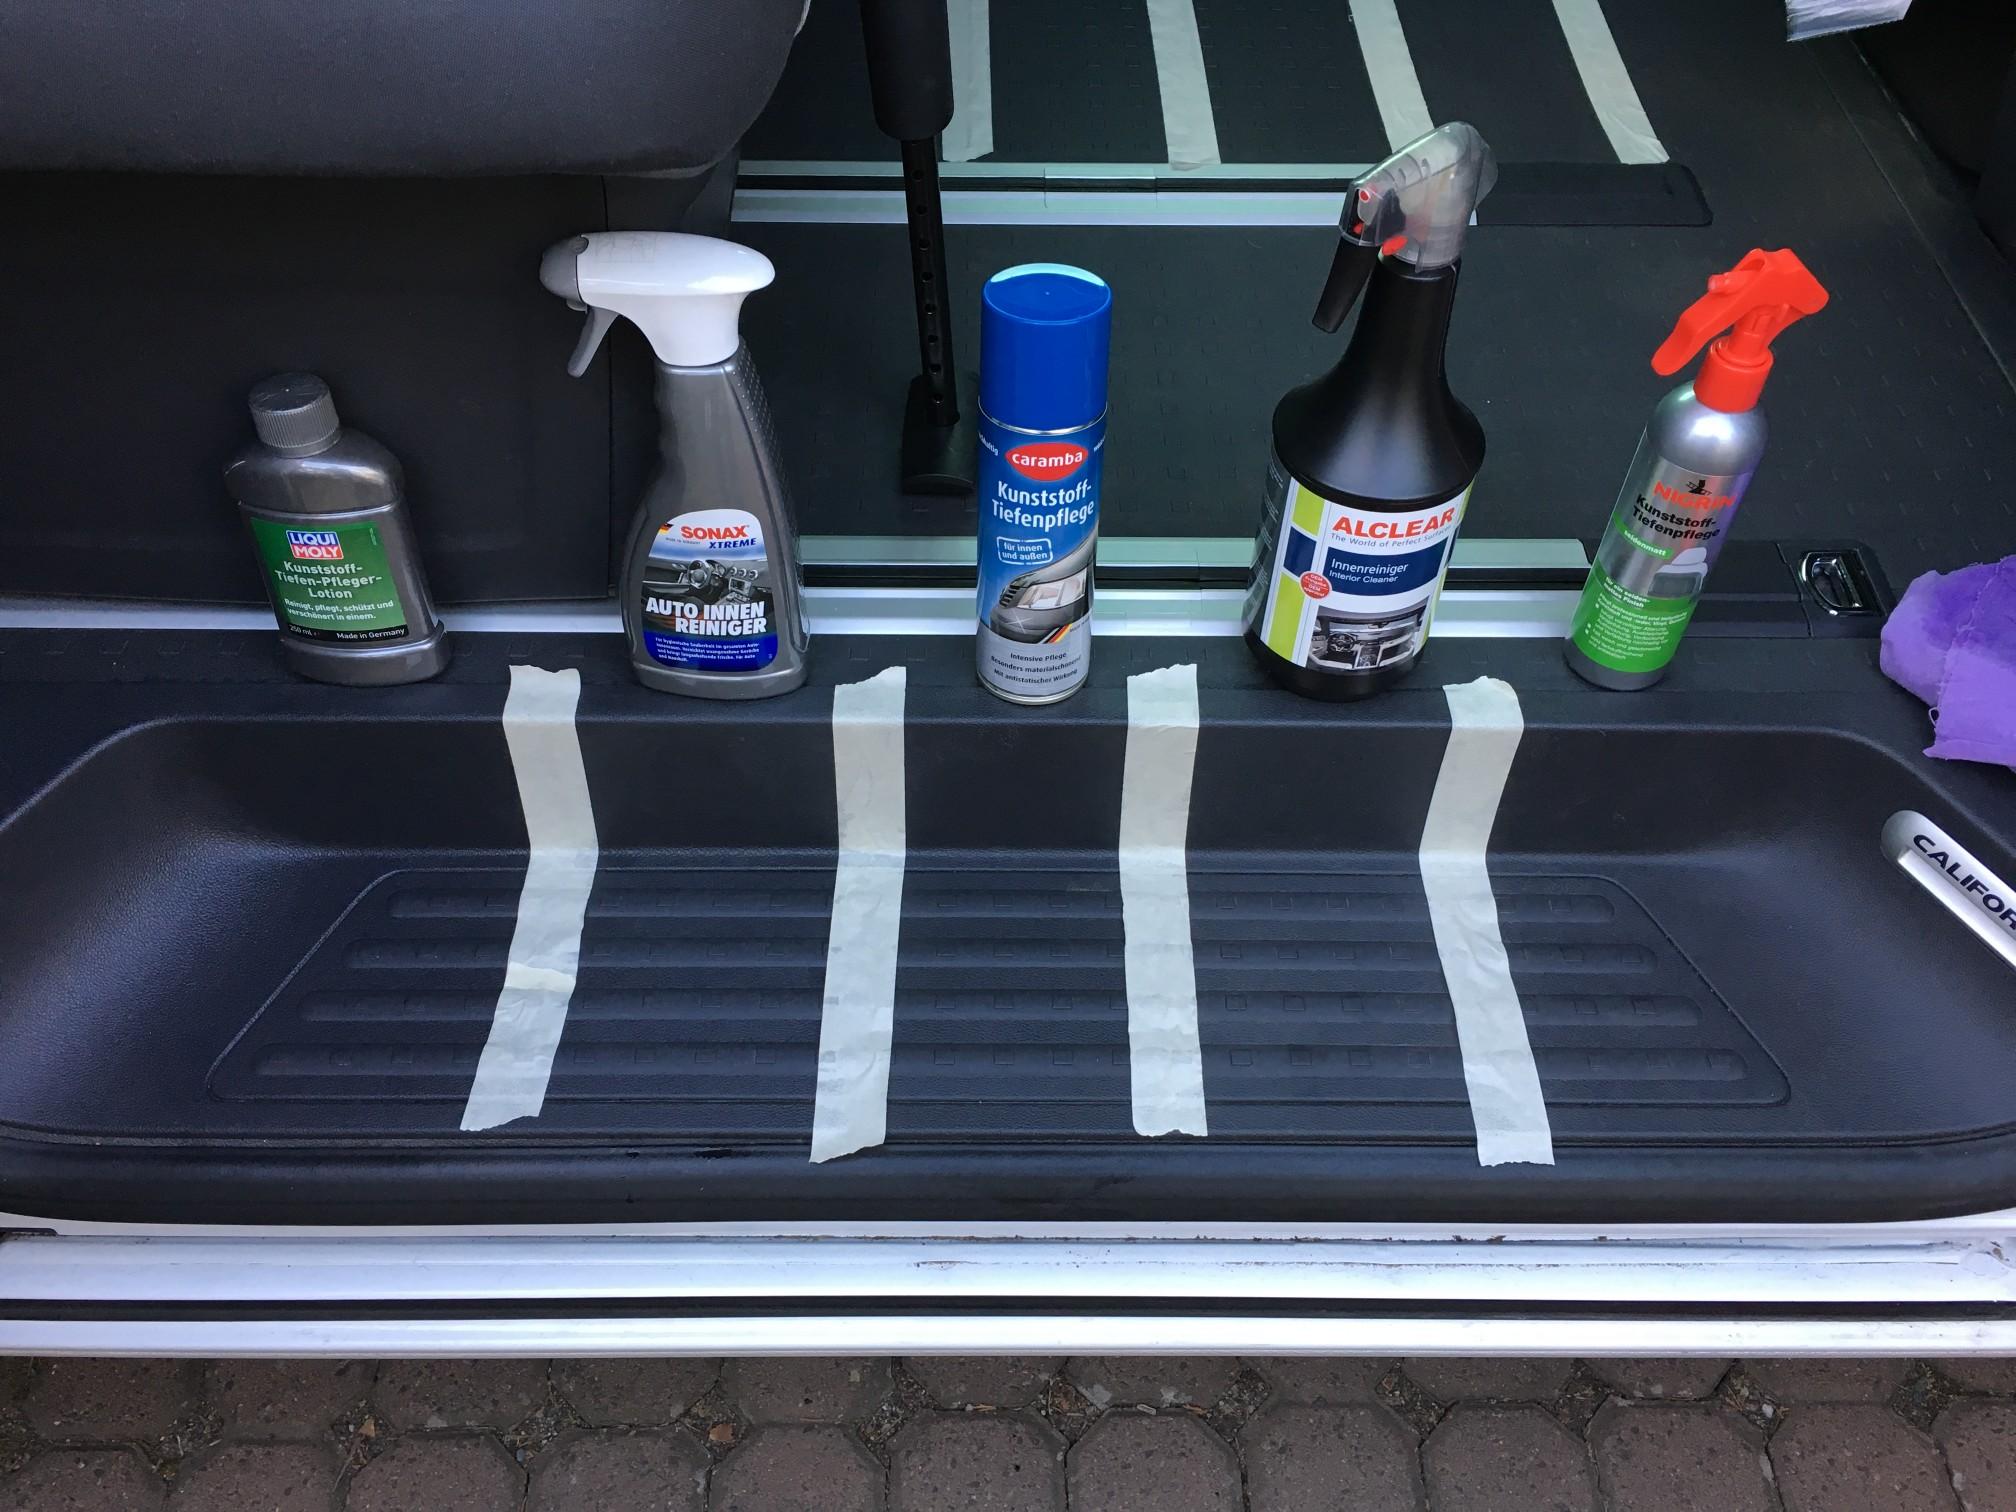 Fußboden Im Auto Reinigen ~ Fußboden im auto reinigen » parkett pflegen und reinigen